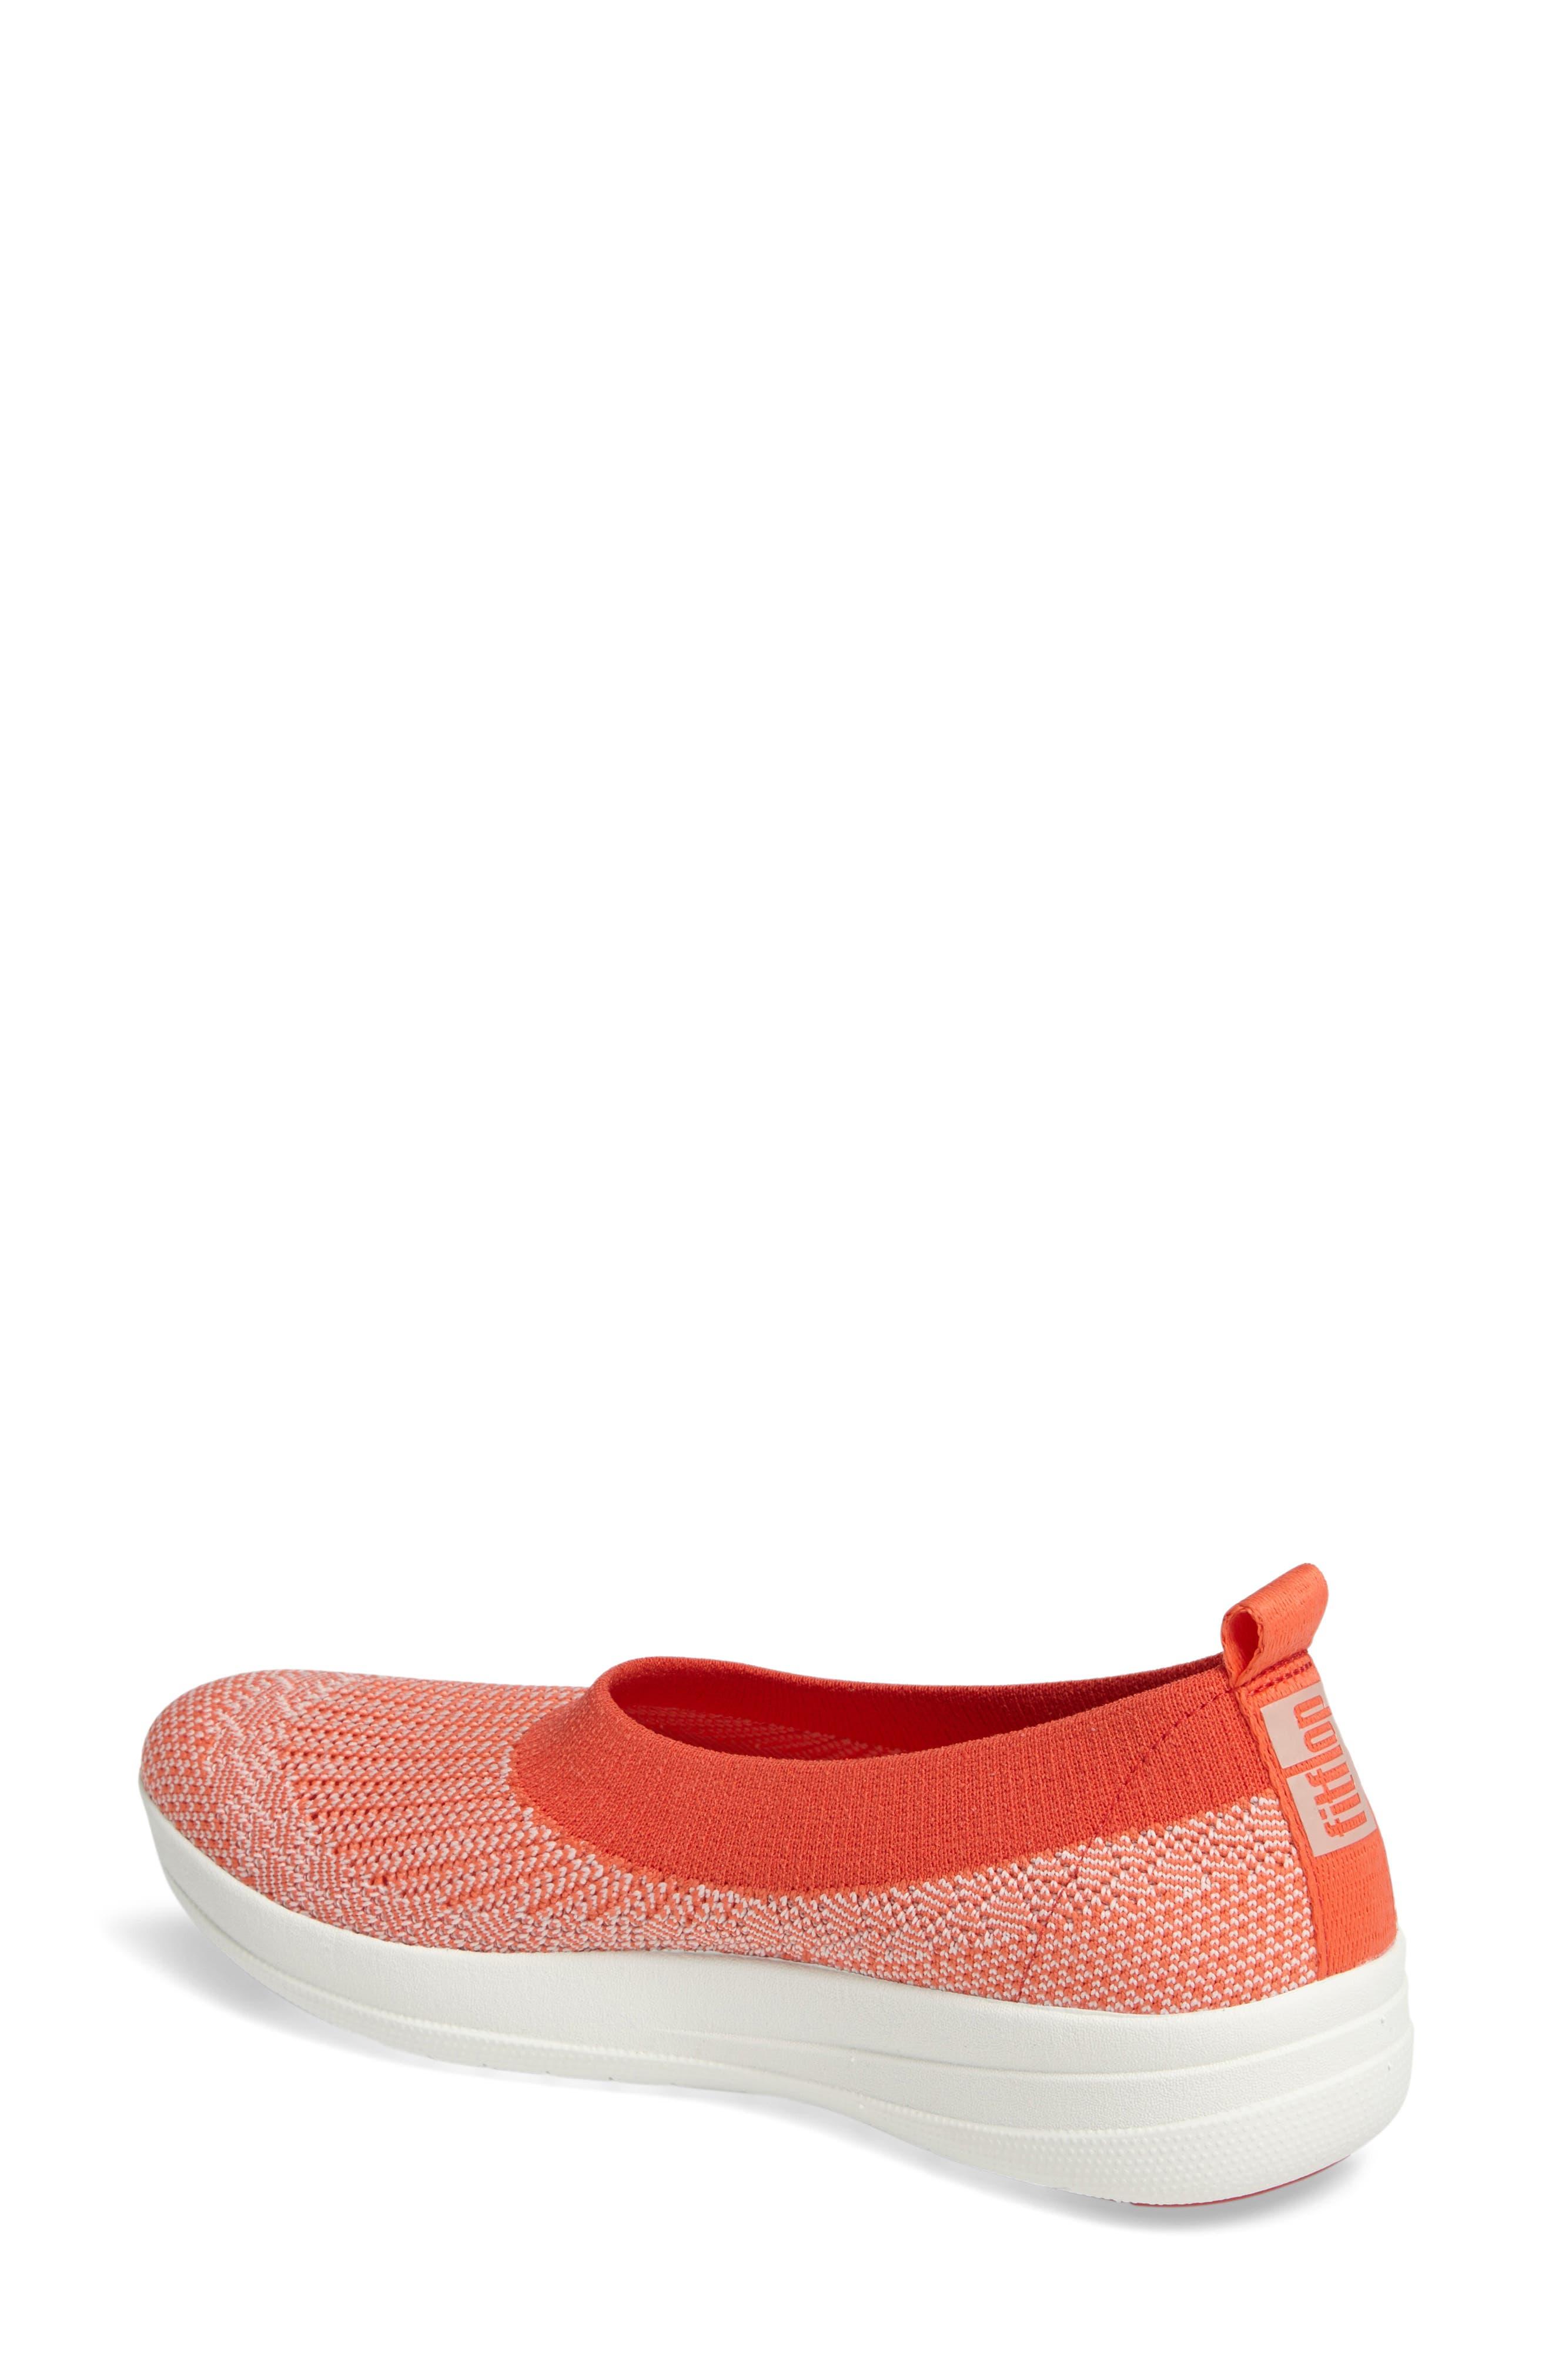 Uberknit Slip-On Sneaker,                             Alternate thumbnail 14, color,